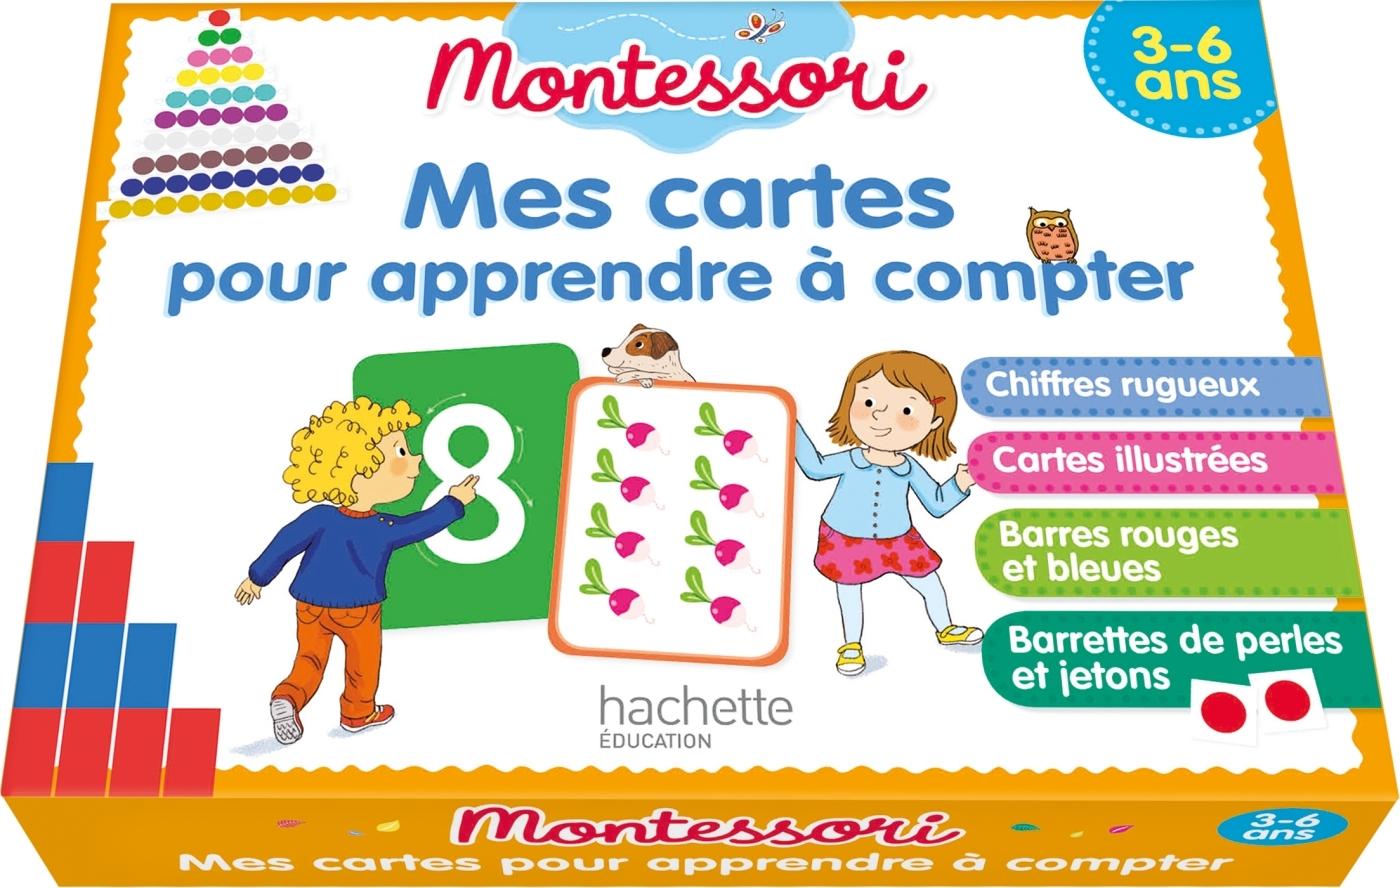 MONTESSORI MES CARTES POUR APPRENDRE A COMPTER 3-6 ANS